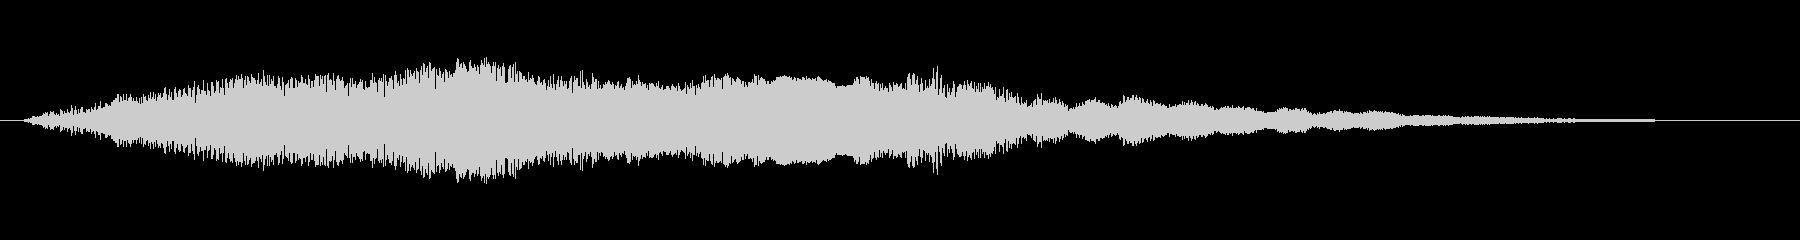 工業 ソフトメタルきしみシンセ02の未再生の波形